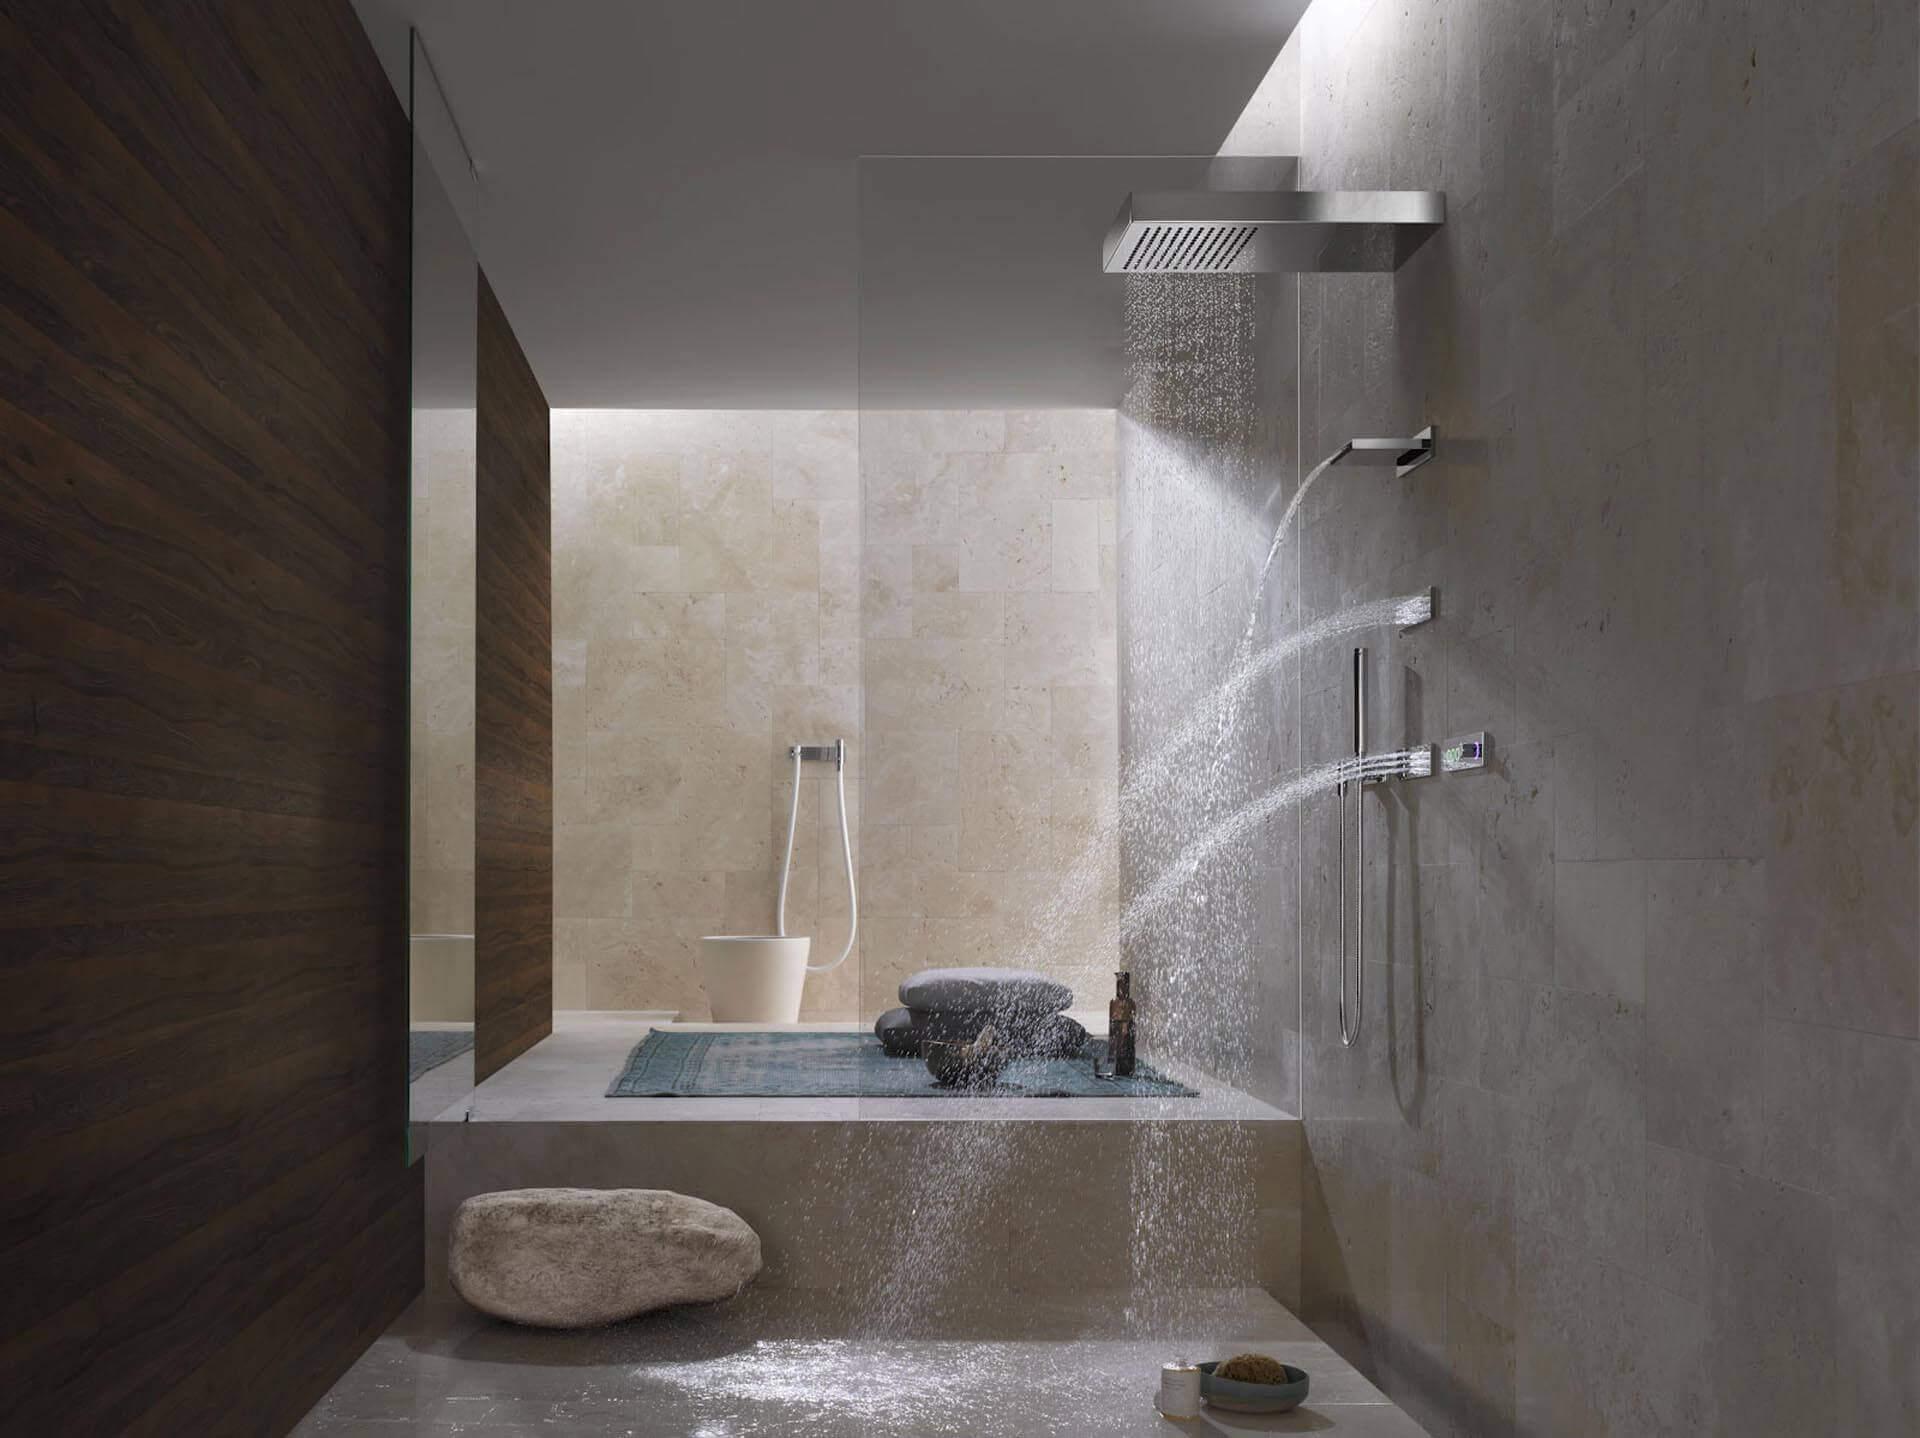 Der Tag Beginnt Bei Vielen Unter Der Dusche. Hier Im Individuellen  Badambiente Wacht Man Auf